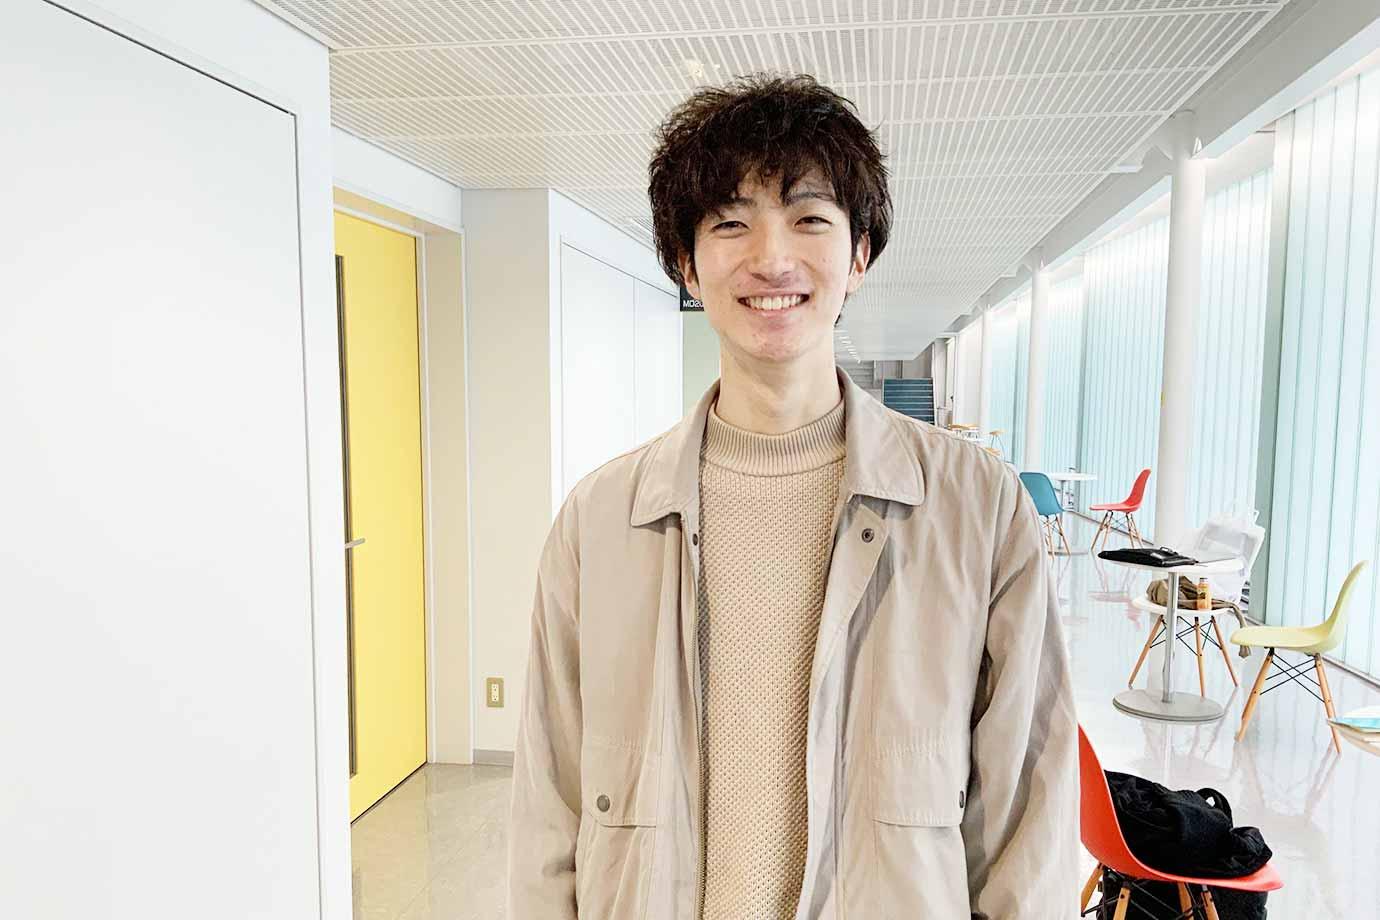 名古屋学芸大学 メディア造形学部デザイン学科 デザインプロデュースコース 秋山隼大さん